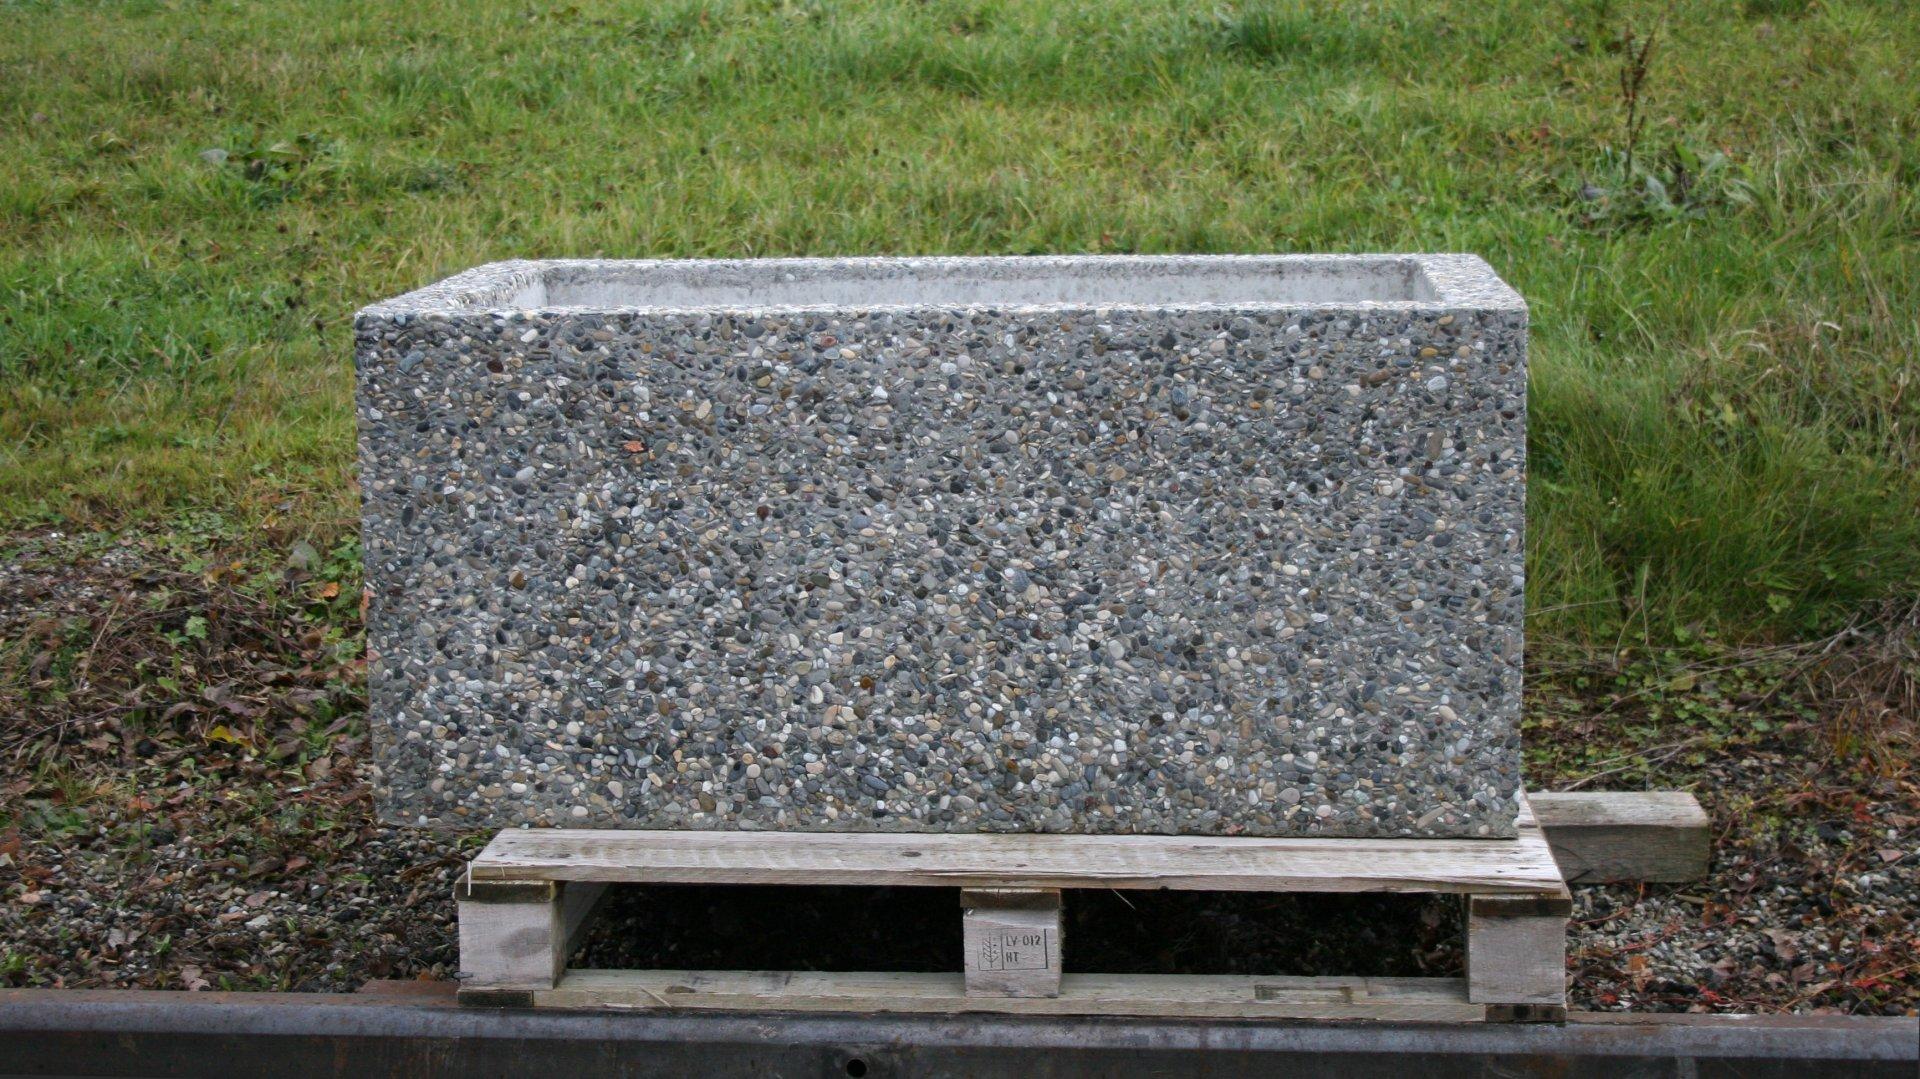 blumentrog-wasserbecken-124cm_f